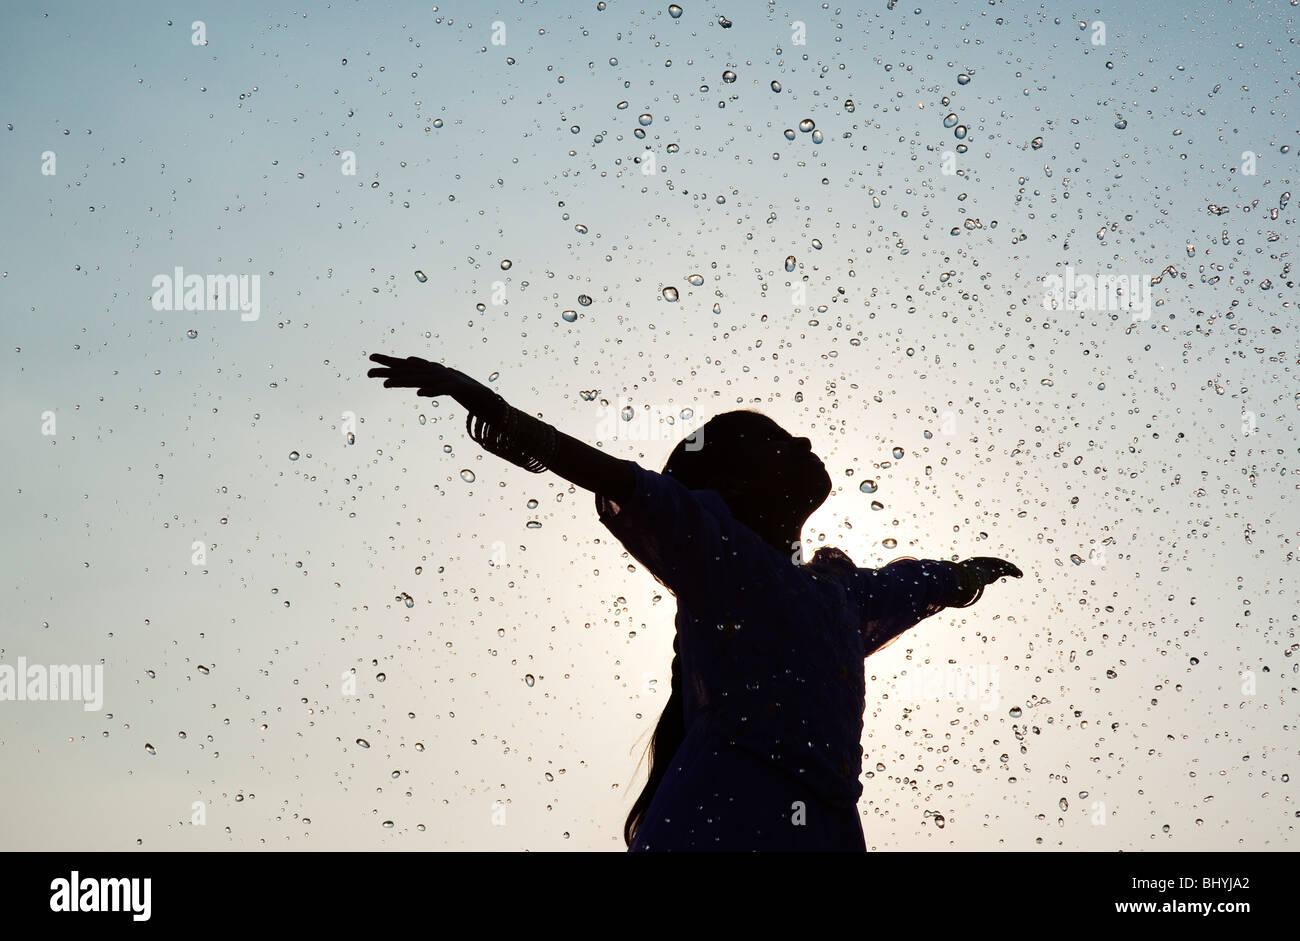 Silhouette di una giovane ragazza indiana godendo di essere spruzzato con acqua Immagini Stock